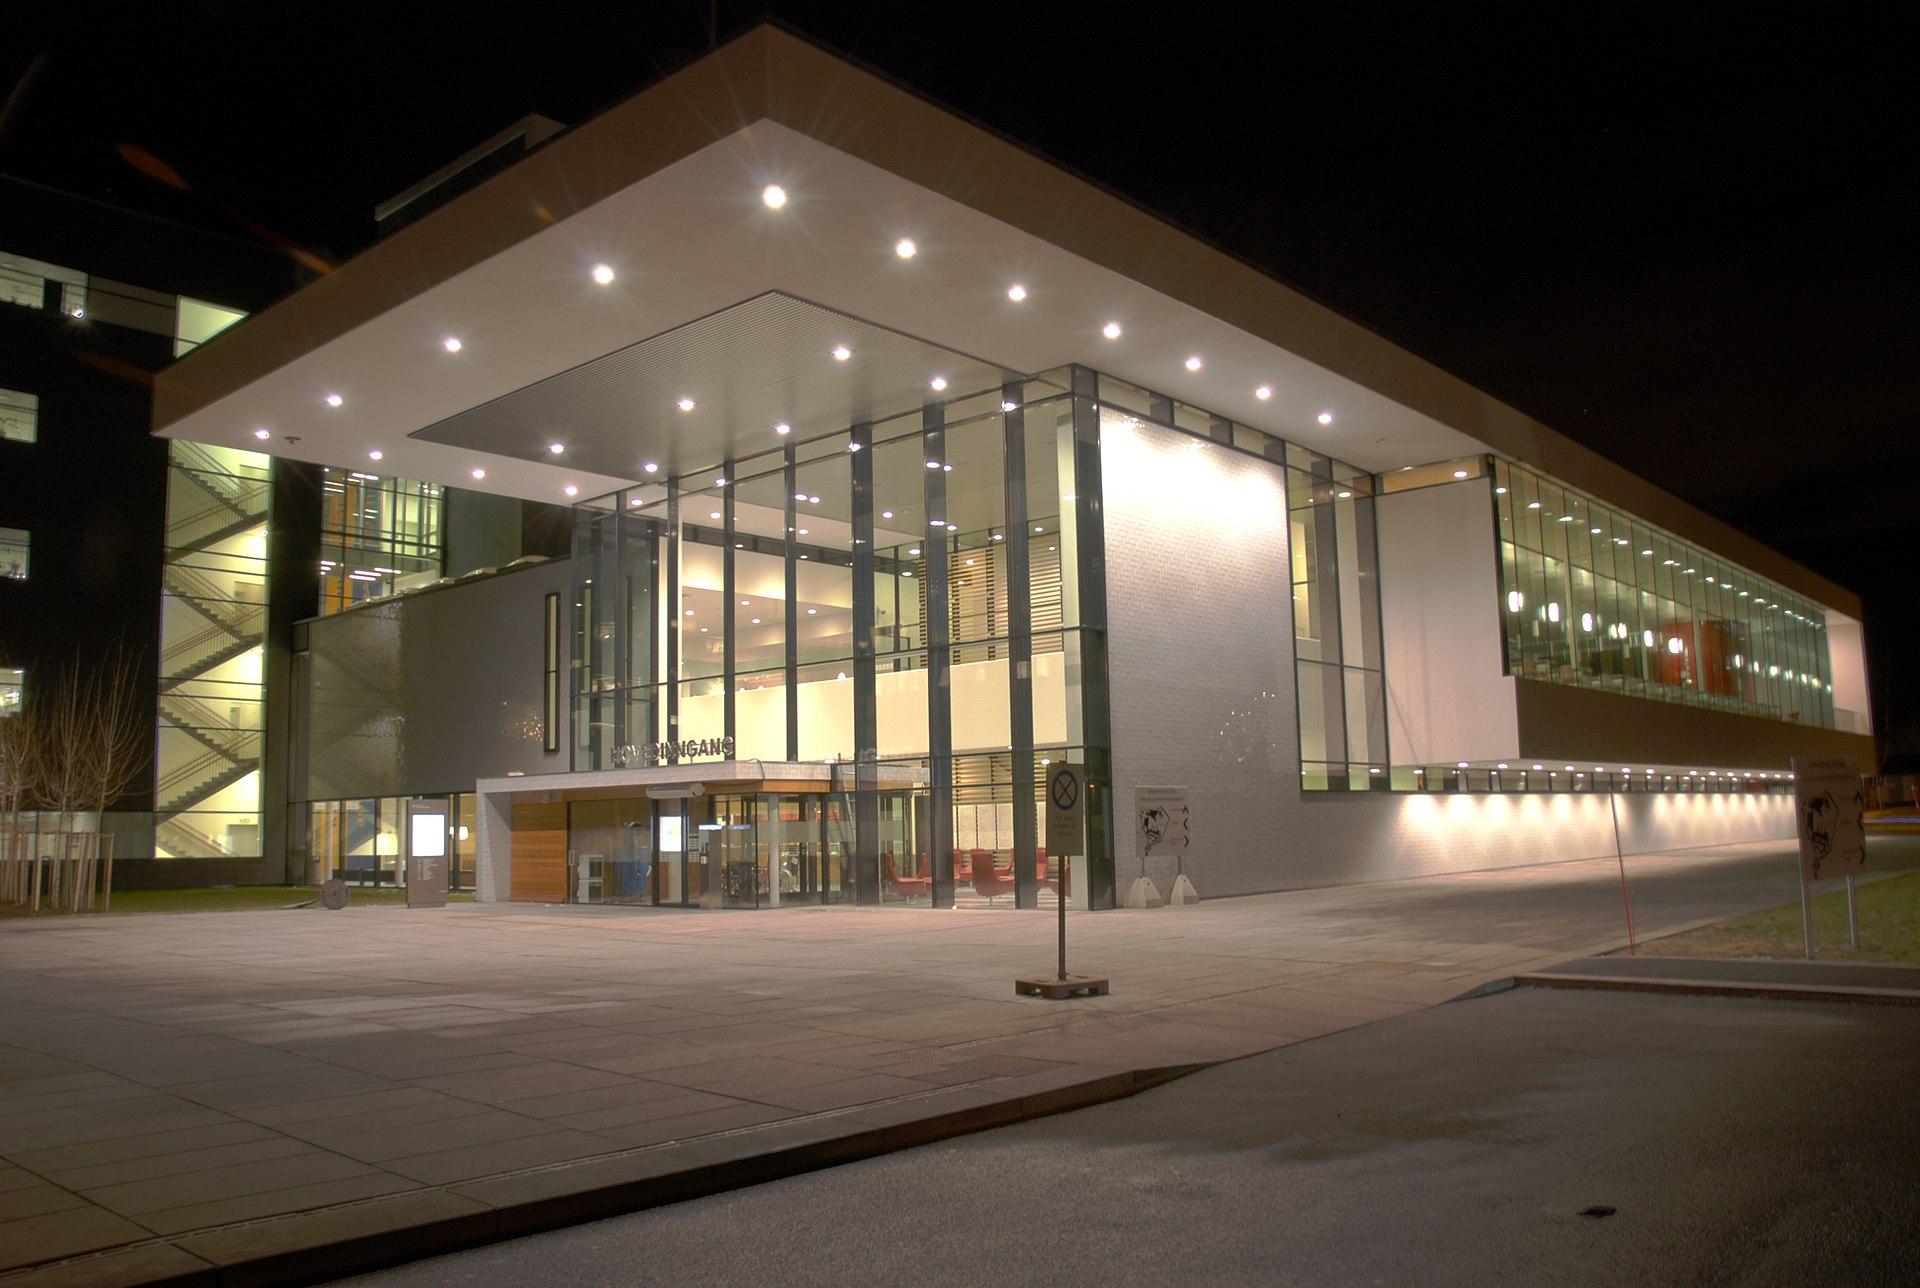 Akershus universitetssykehus wikipedia for Modern hospital building design